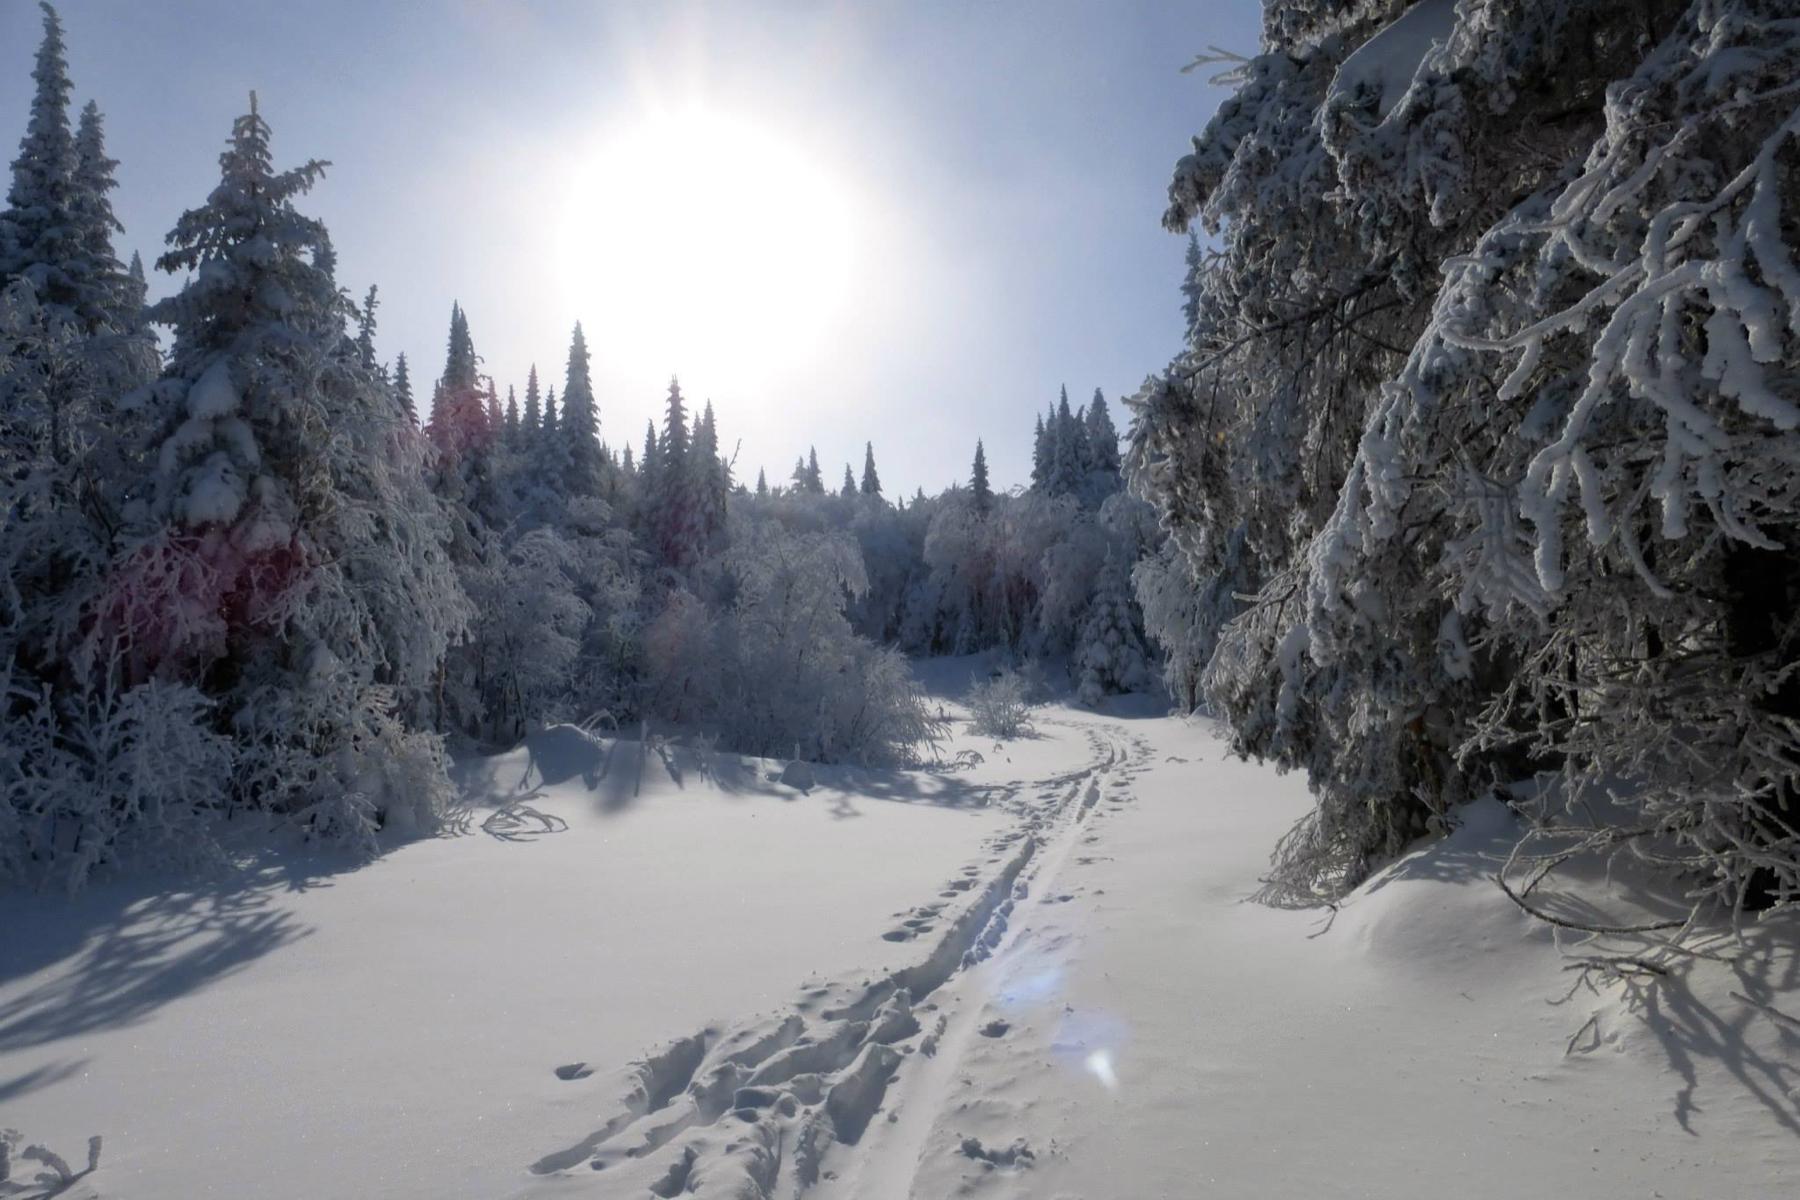 parc-montagne-du-diable-paysage-00024_1800x1200